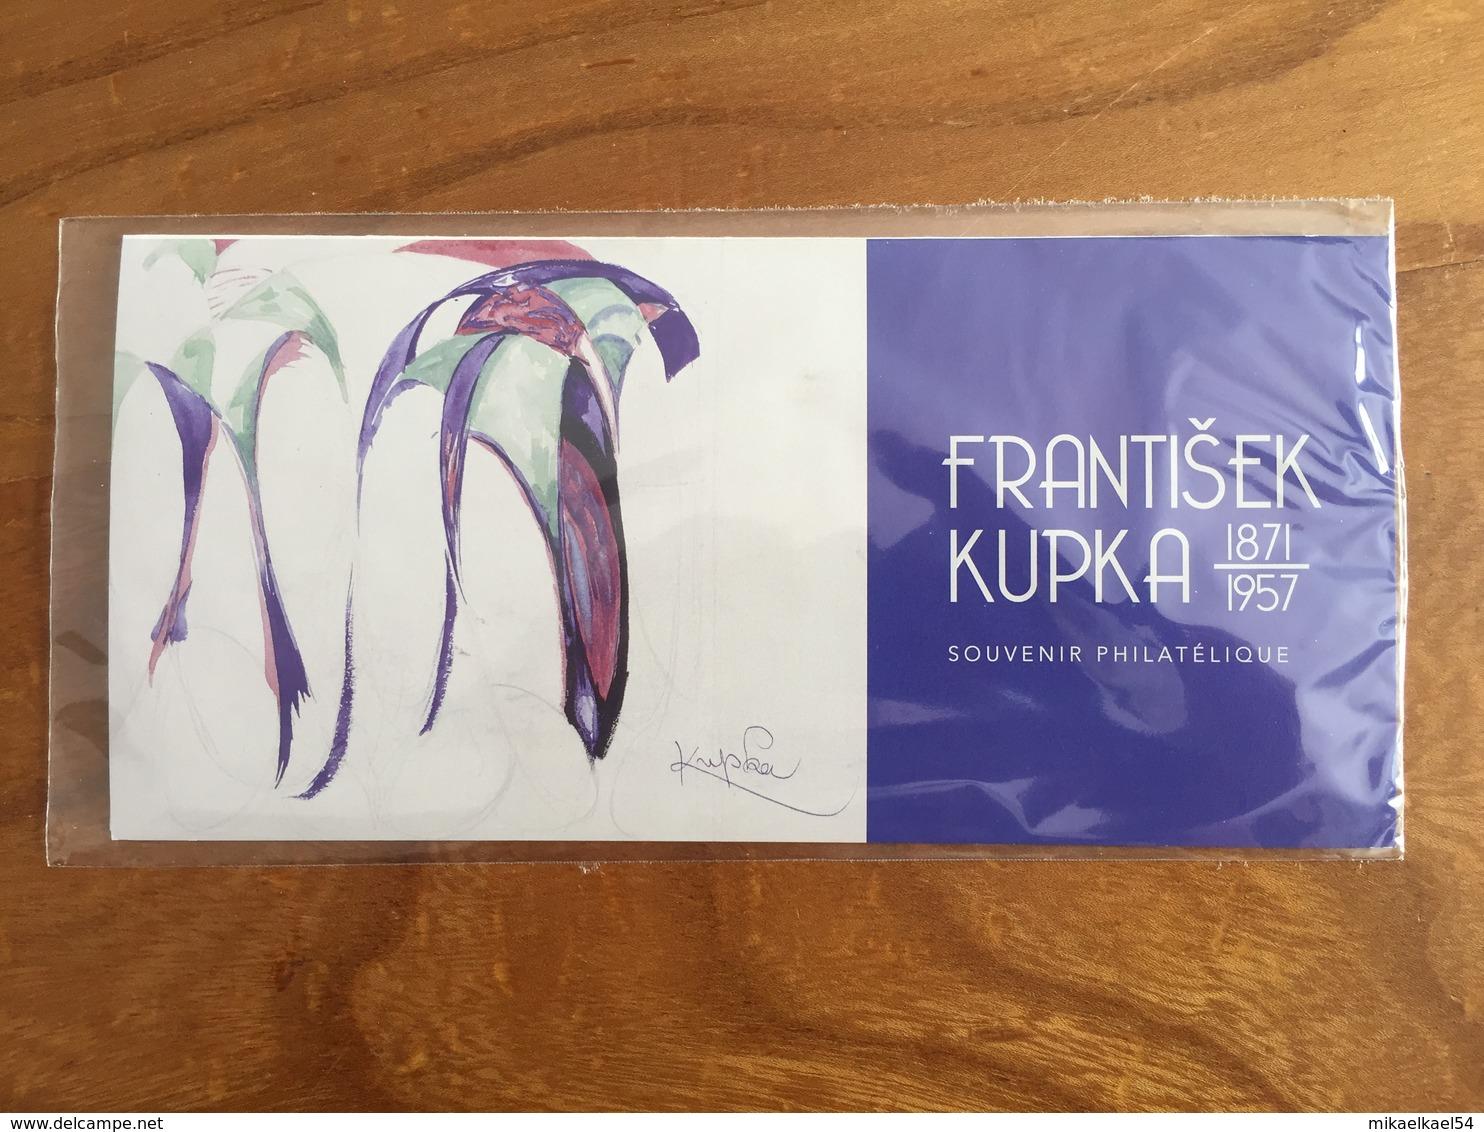 Souvenir Philatélique FRANTISEK KUPKA (1871-1957) - 2018 - Y&T BS 144 - Neuf Sous Blister - Blocs Souvenir